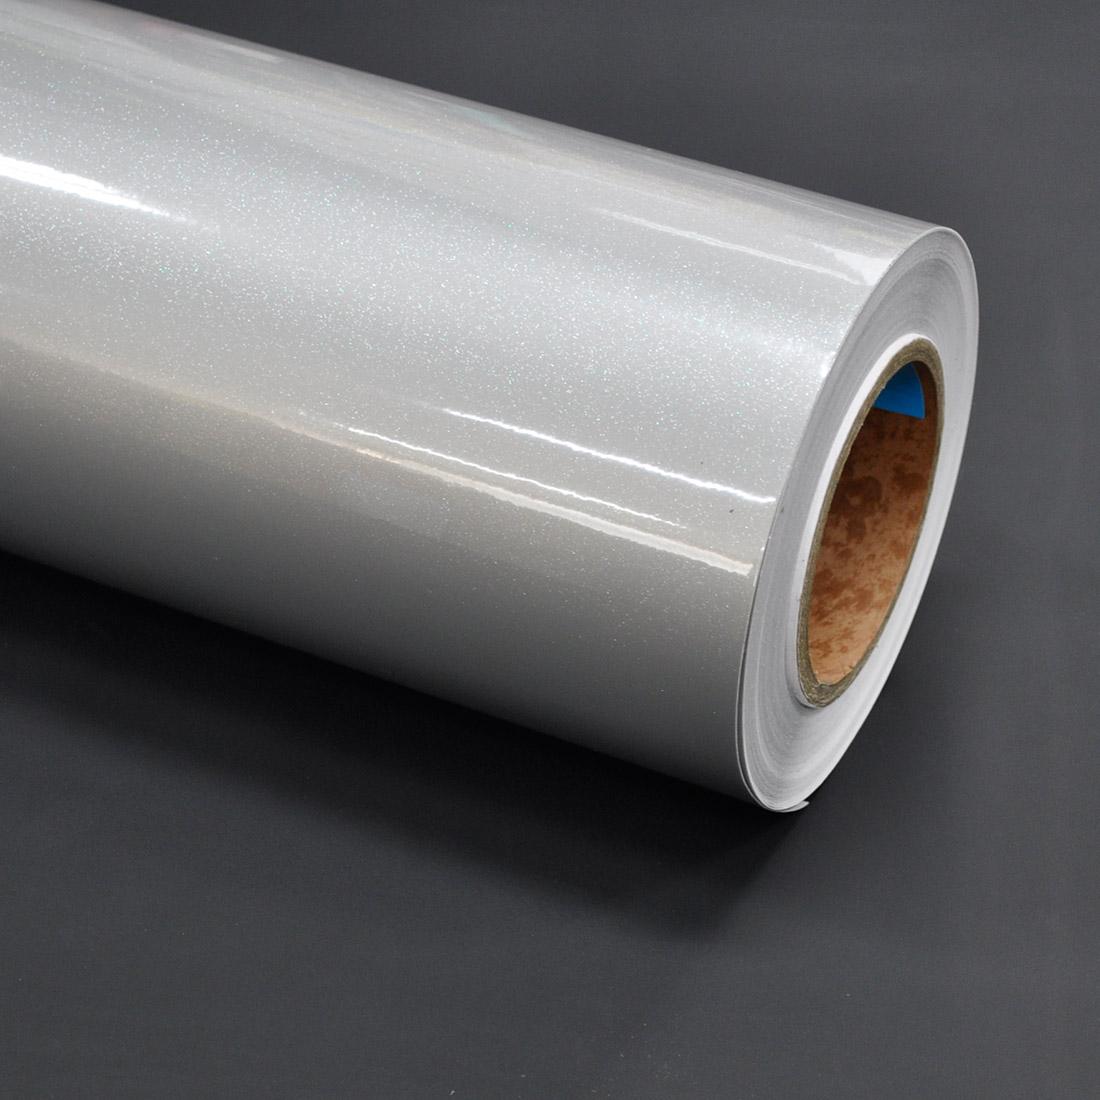 현대인테리어필름 고광택시트지, 실버 펄(HG-978)